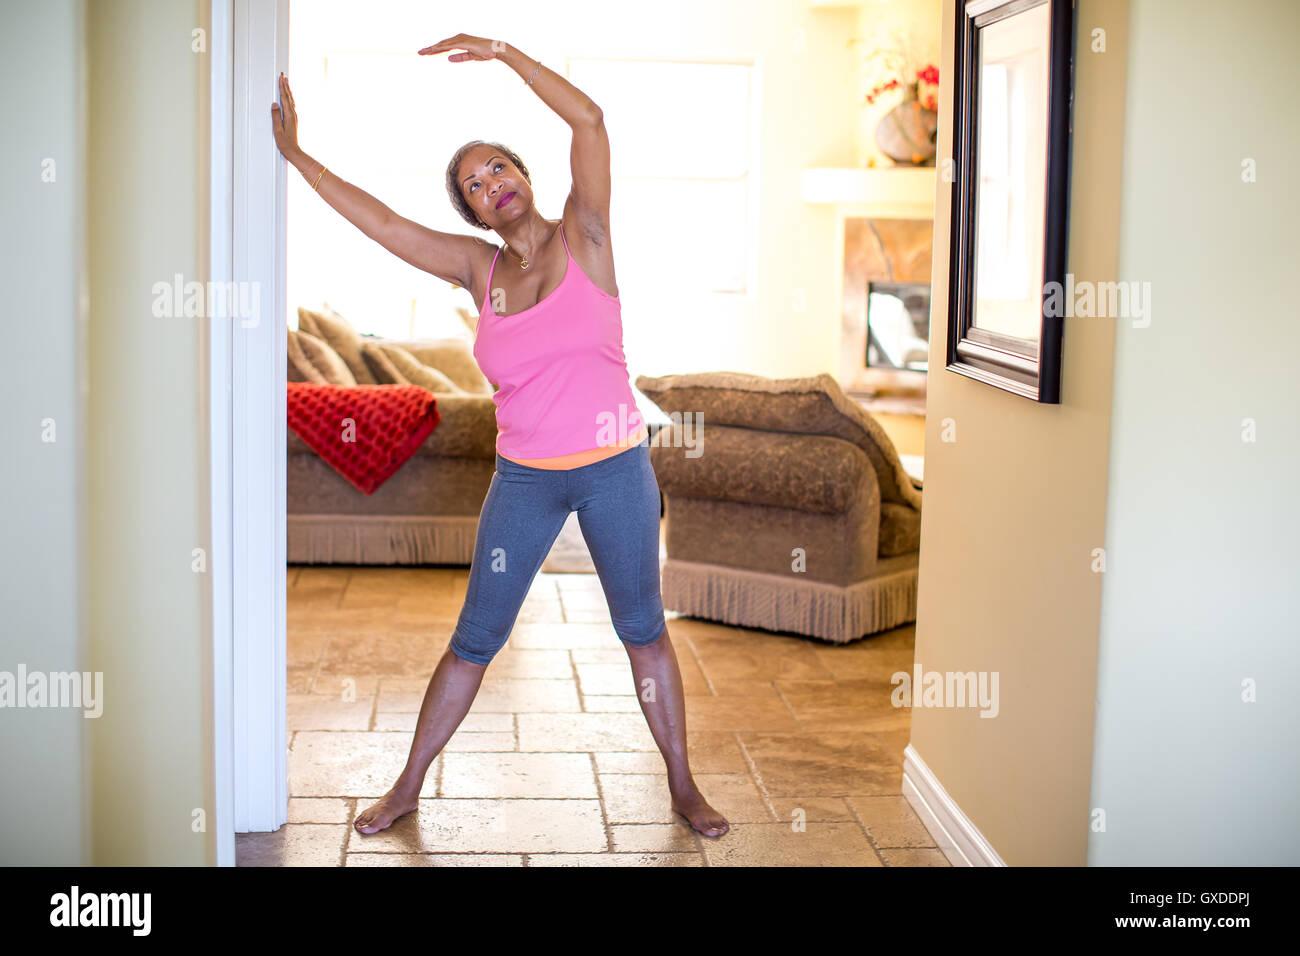 Mujer con brazos levantados haciendo ejercicio de estiramiento Imagen De Stock